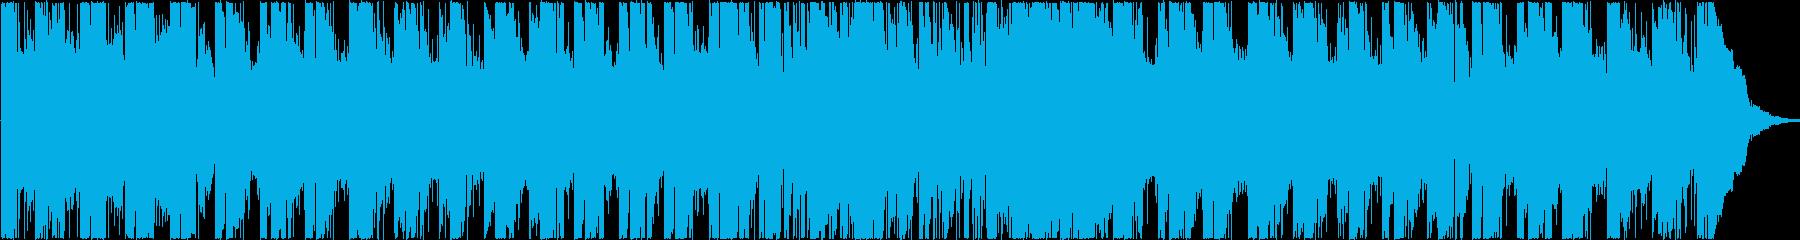 メランコリック風大人サウンドの再生済みの波形